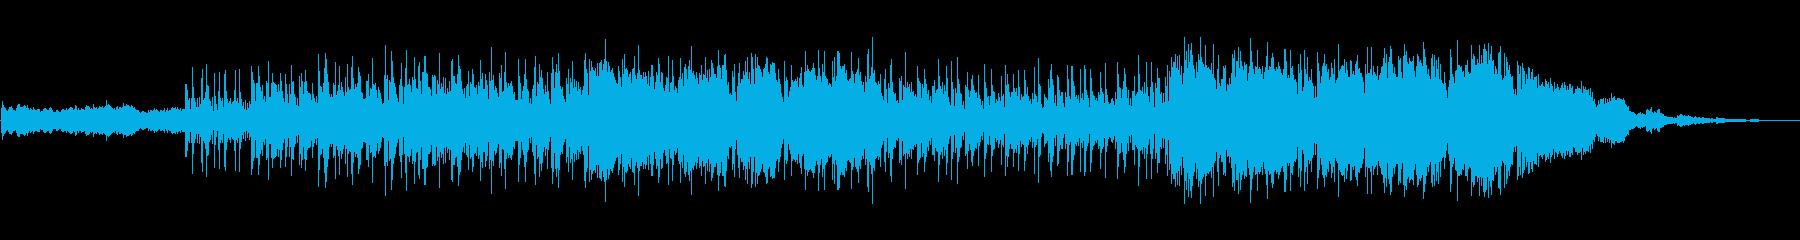 タブラ、percをフィーチャーした...の再生済みの波形